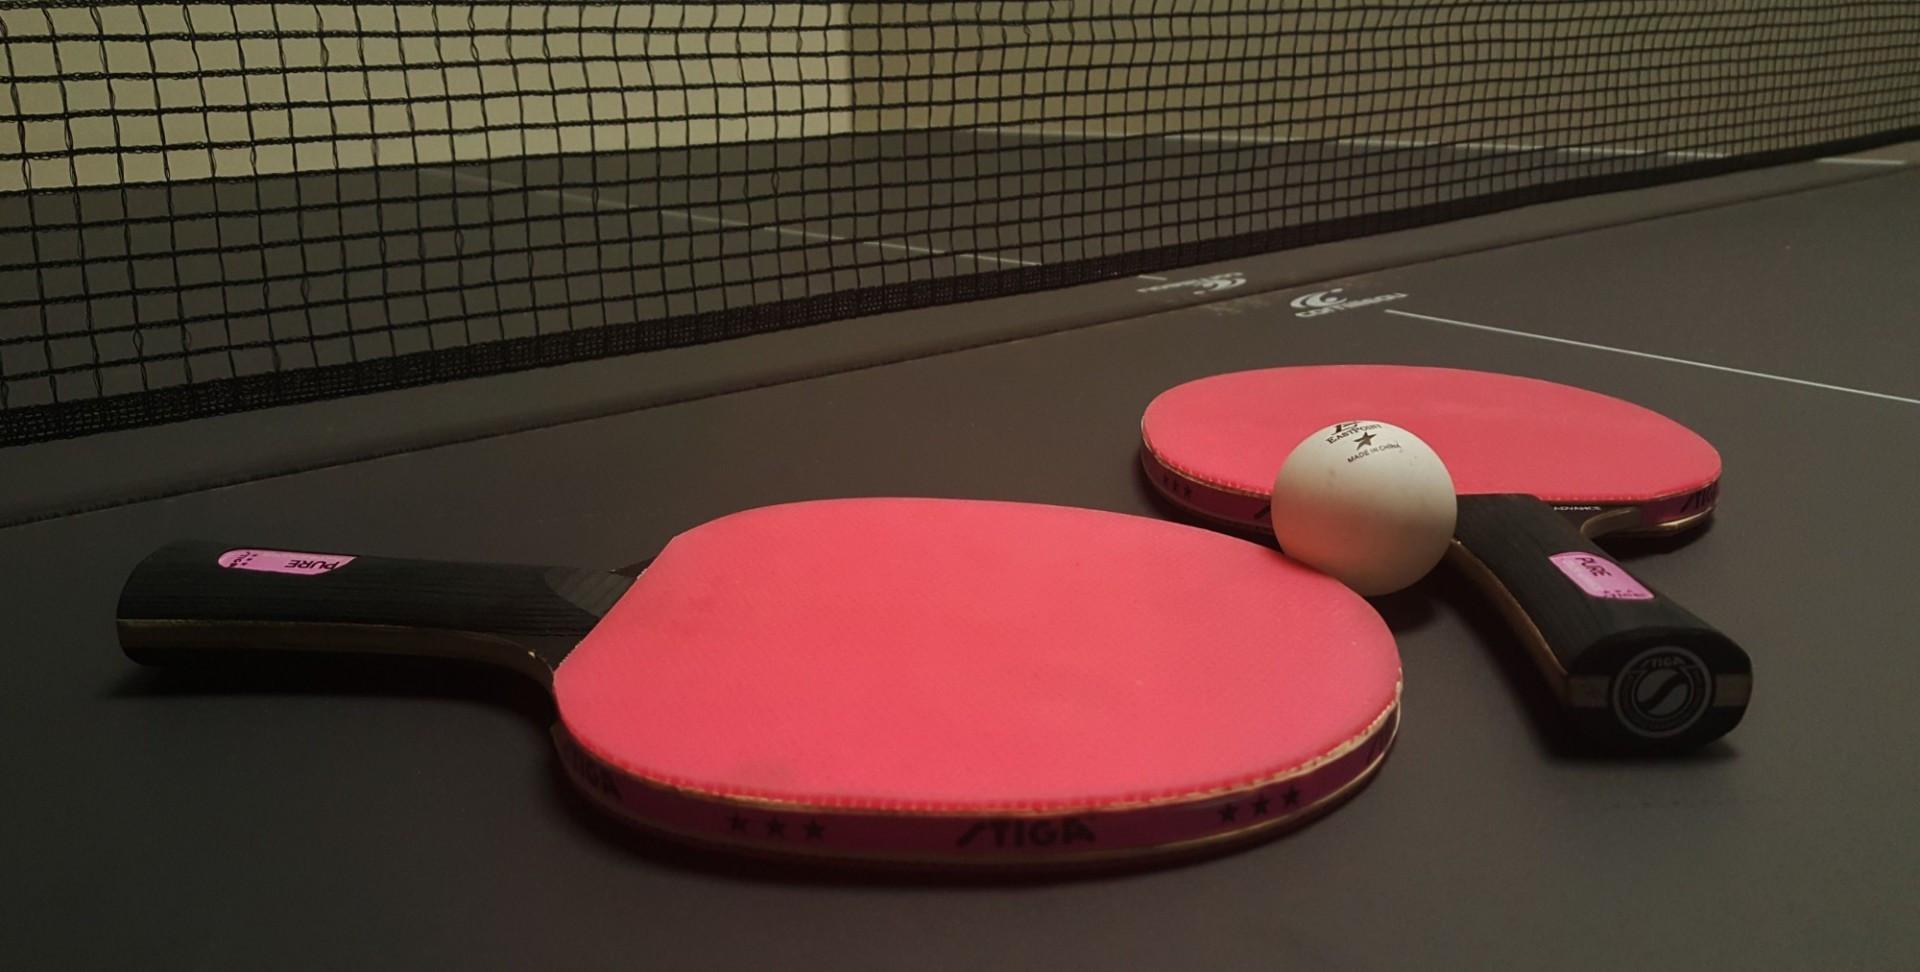 Үстел теннисінен әлем чемпионаты қашан өтетіні белгілі болды